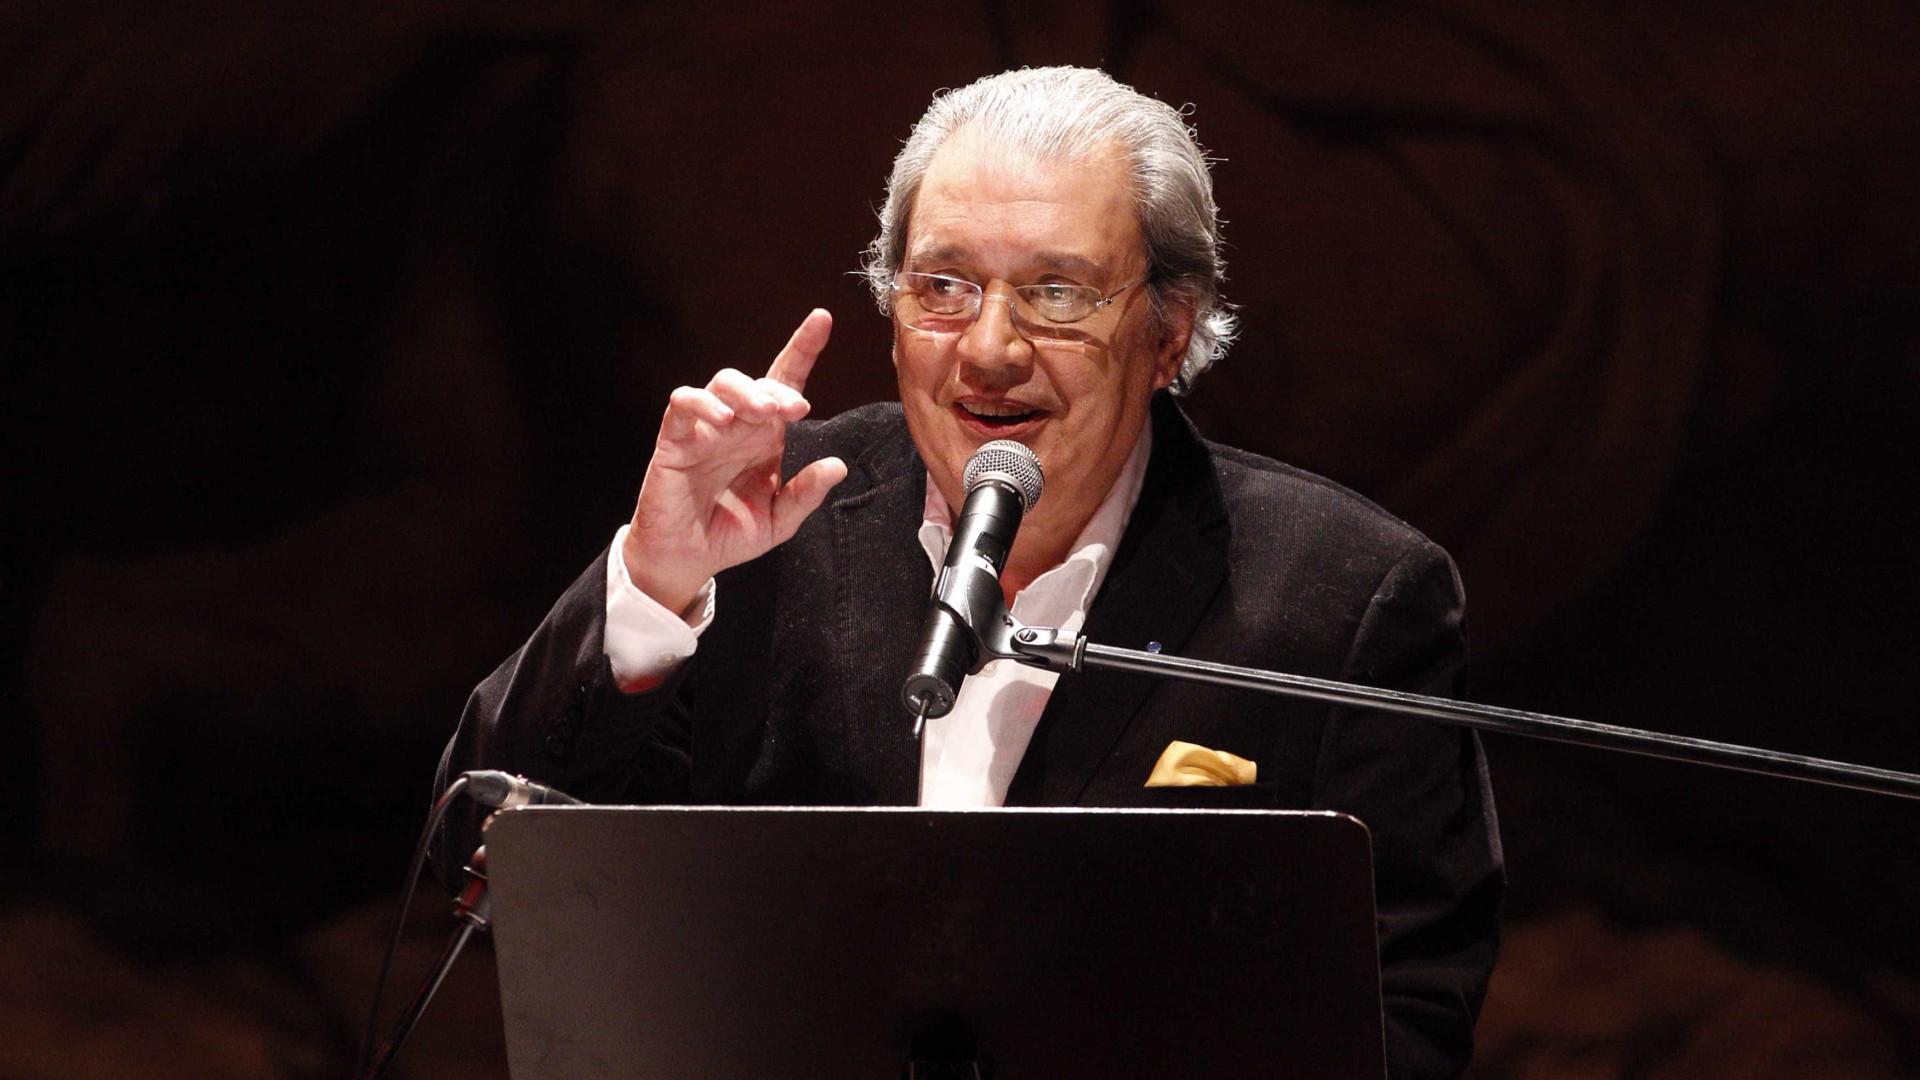 Salvador Sobral faz versão de tema finalista do Festival da Canção